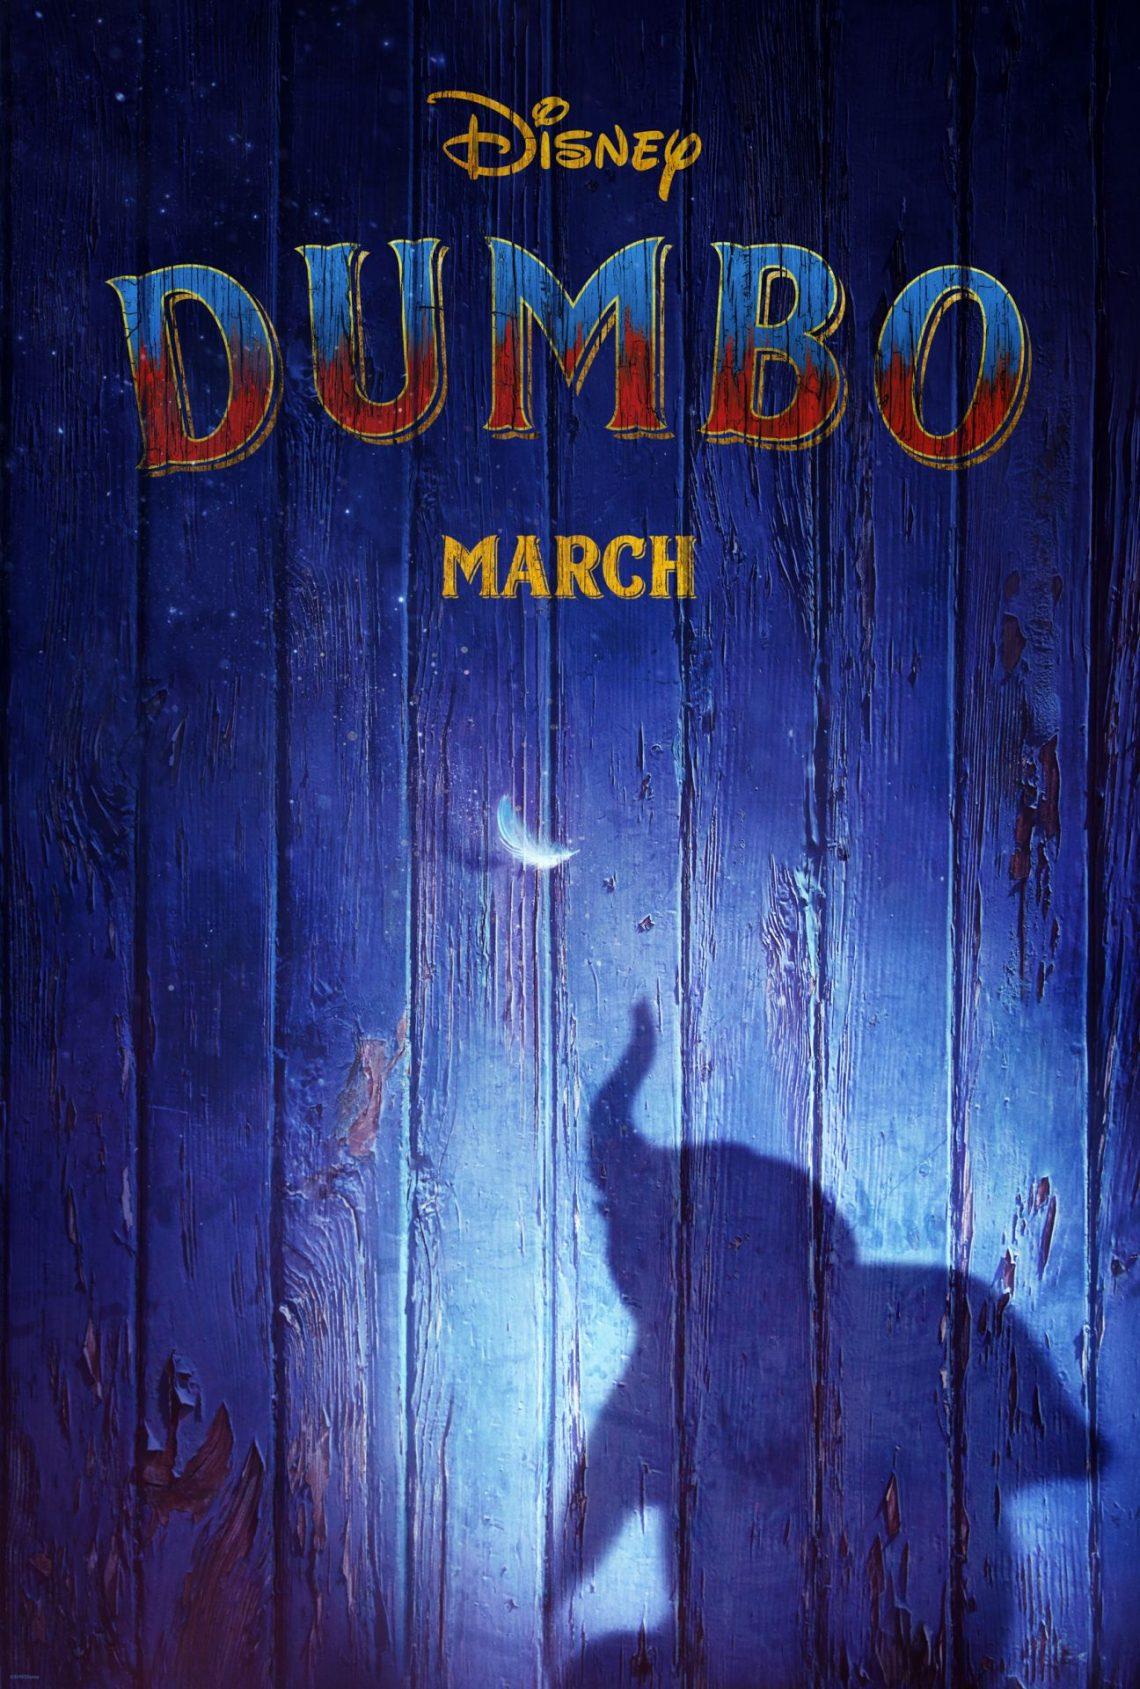 Disney estrena el trailer de la nueva versión de 'Dumbo' dirigida por Tim Burton